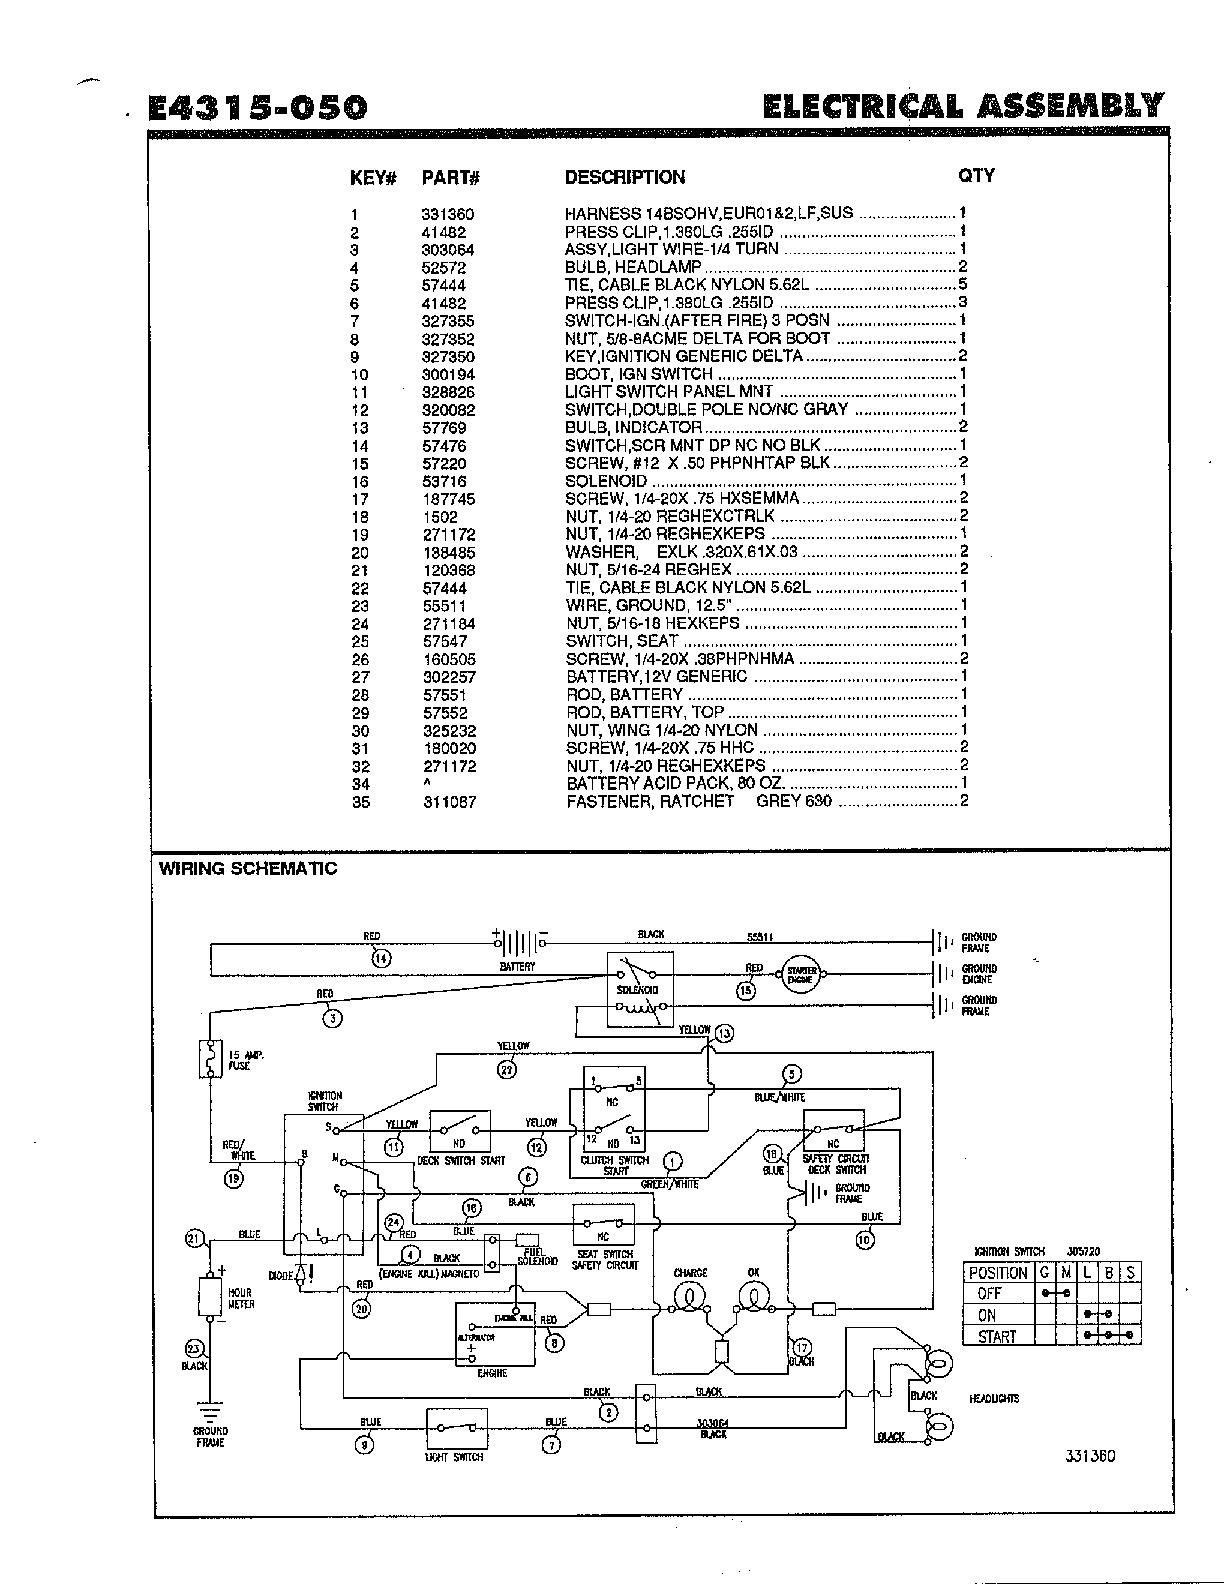 WL000470 00023?resize\=665%2C861 gator 625i wiring diagram gator camo with black wheels, gator 4x2 john deere 625i gator wiring diagram at crackthecode.co